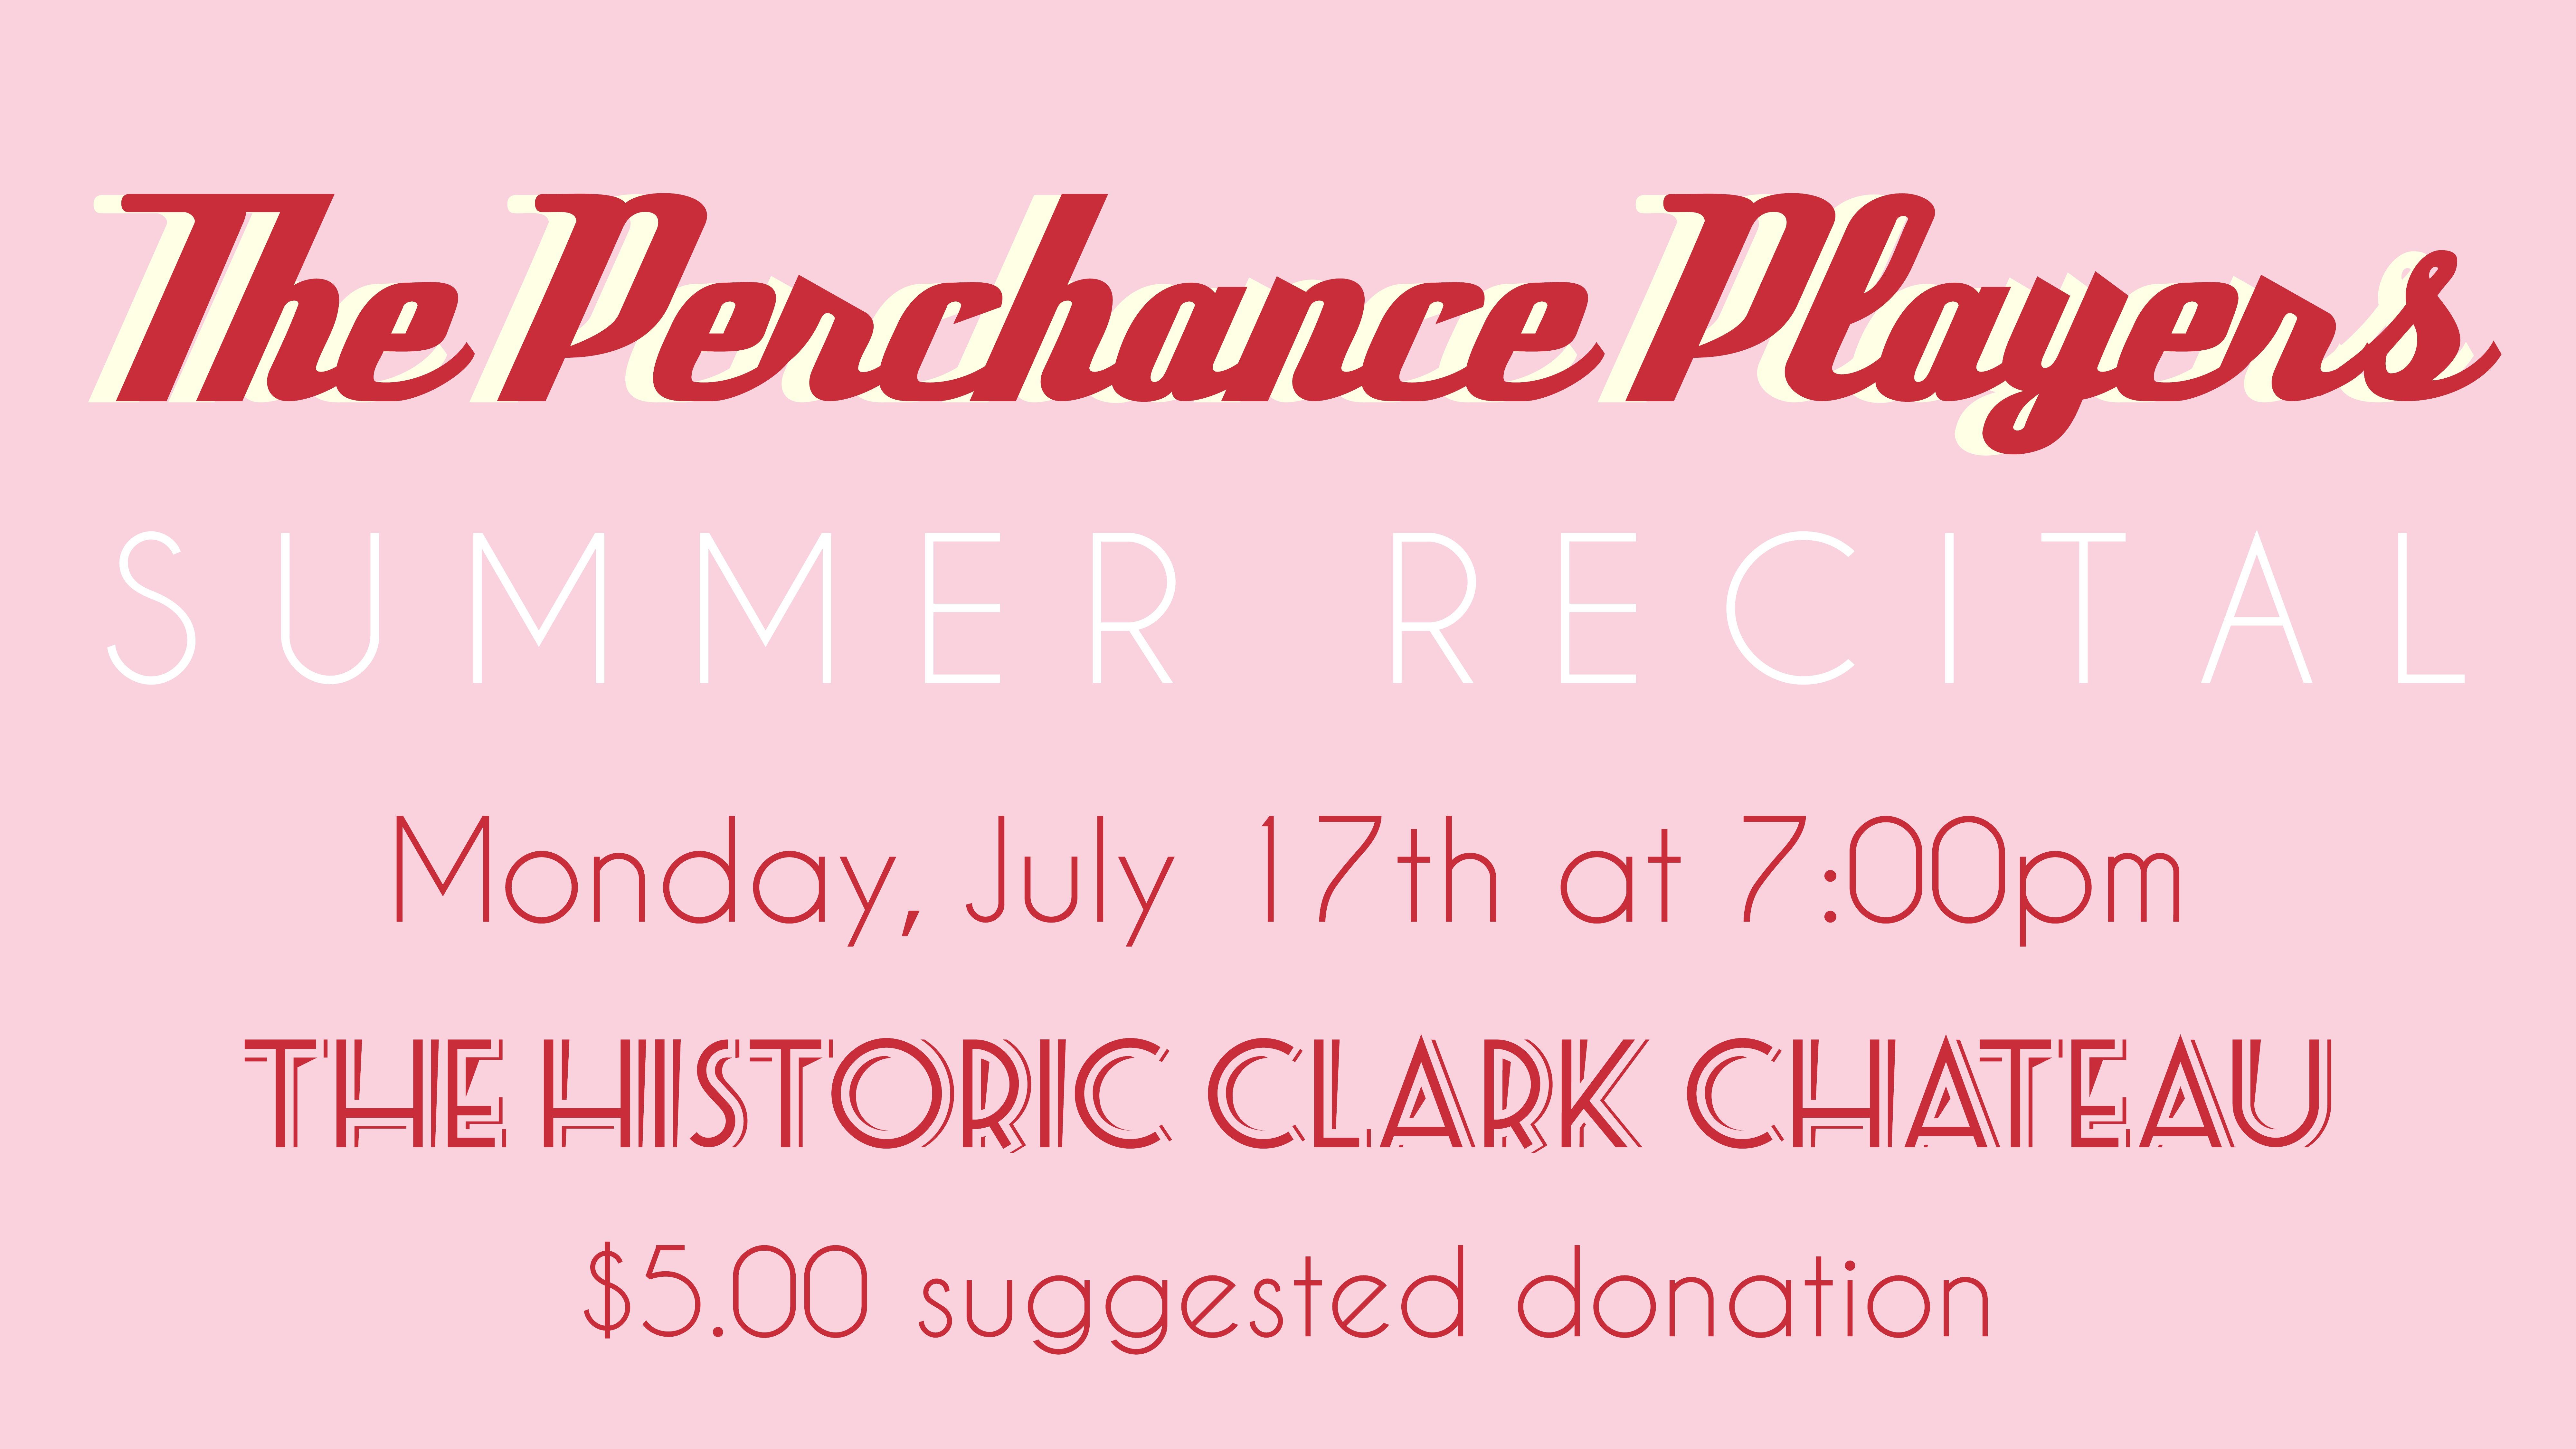 Perchance Players Summer Recital